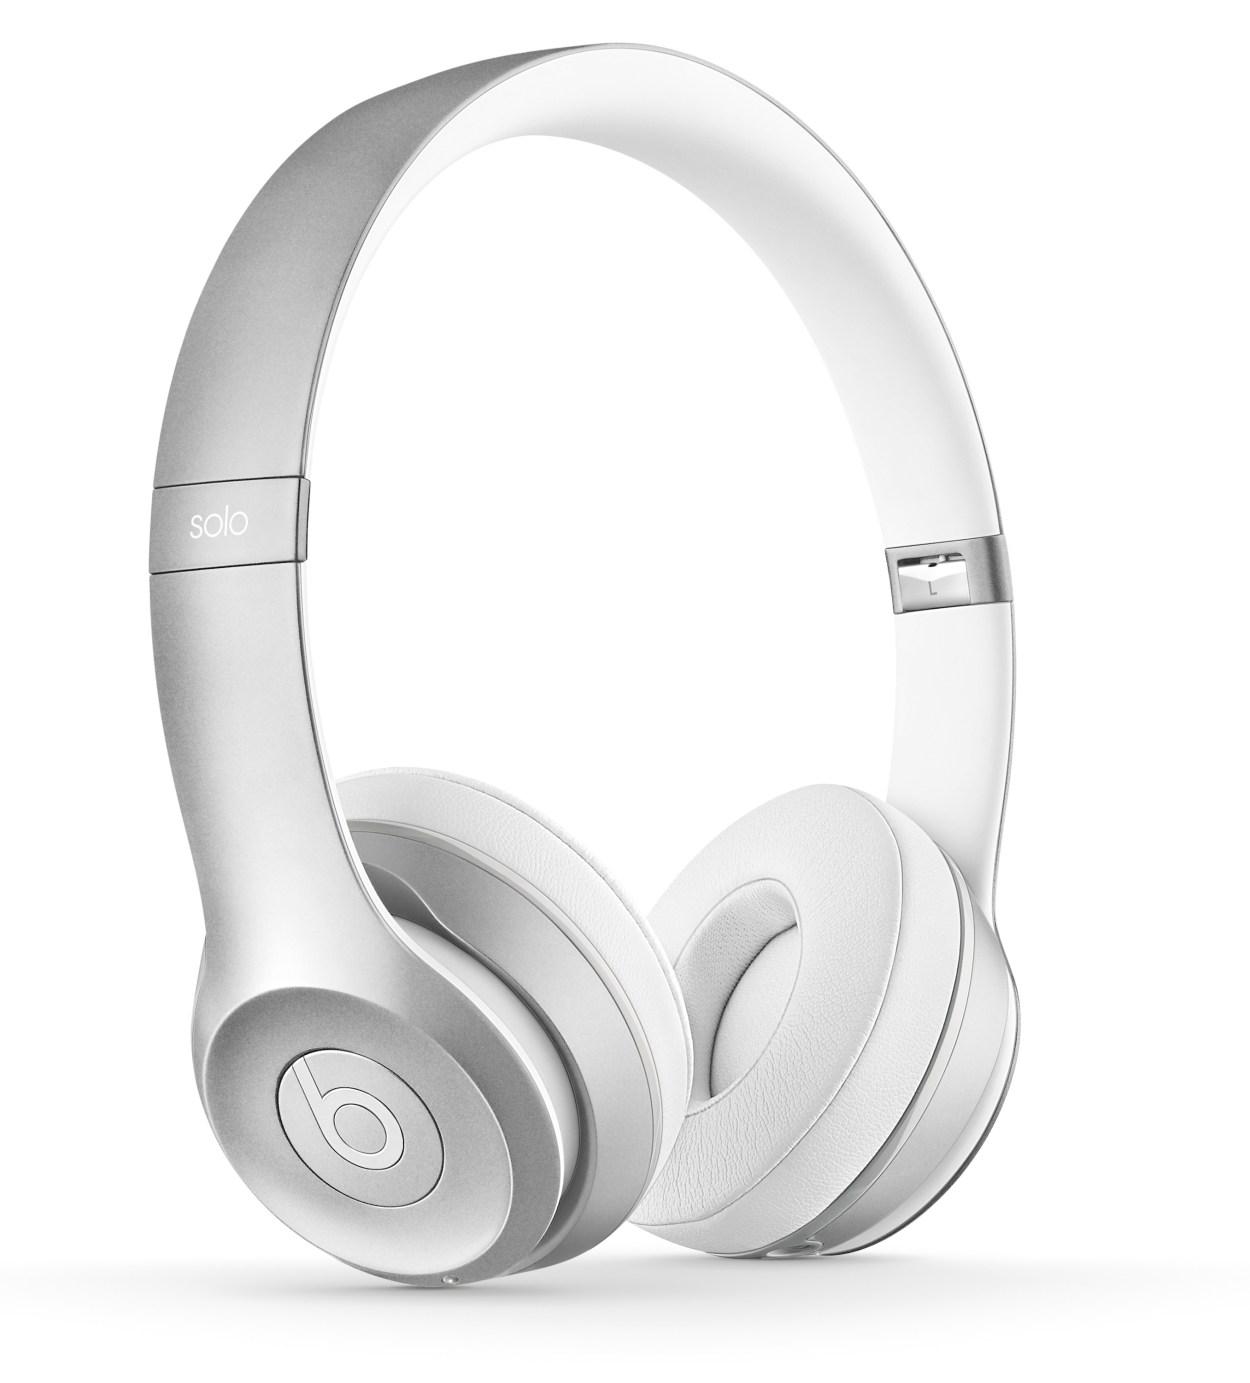 solo2-wireless-silver-thrqrtleft